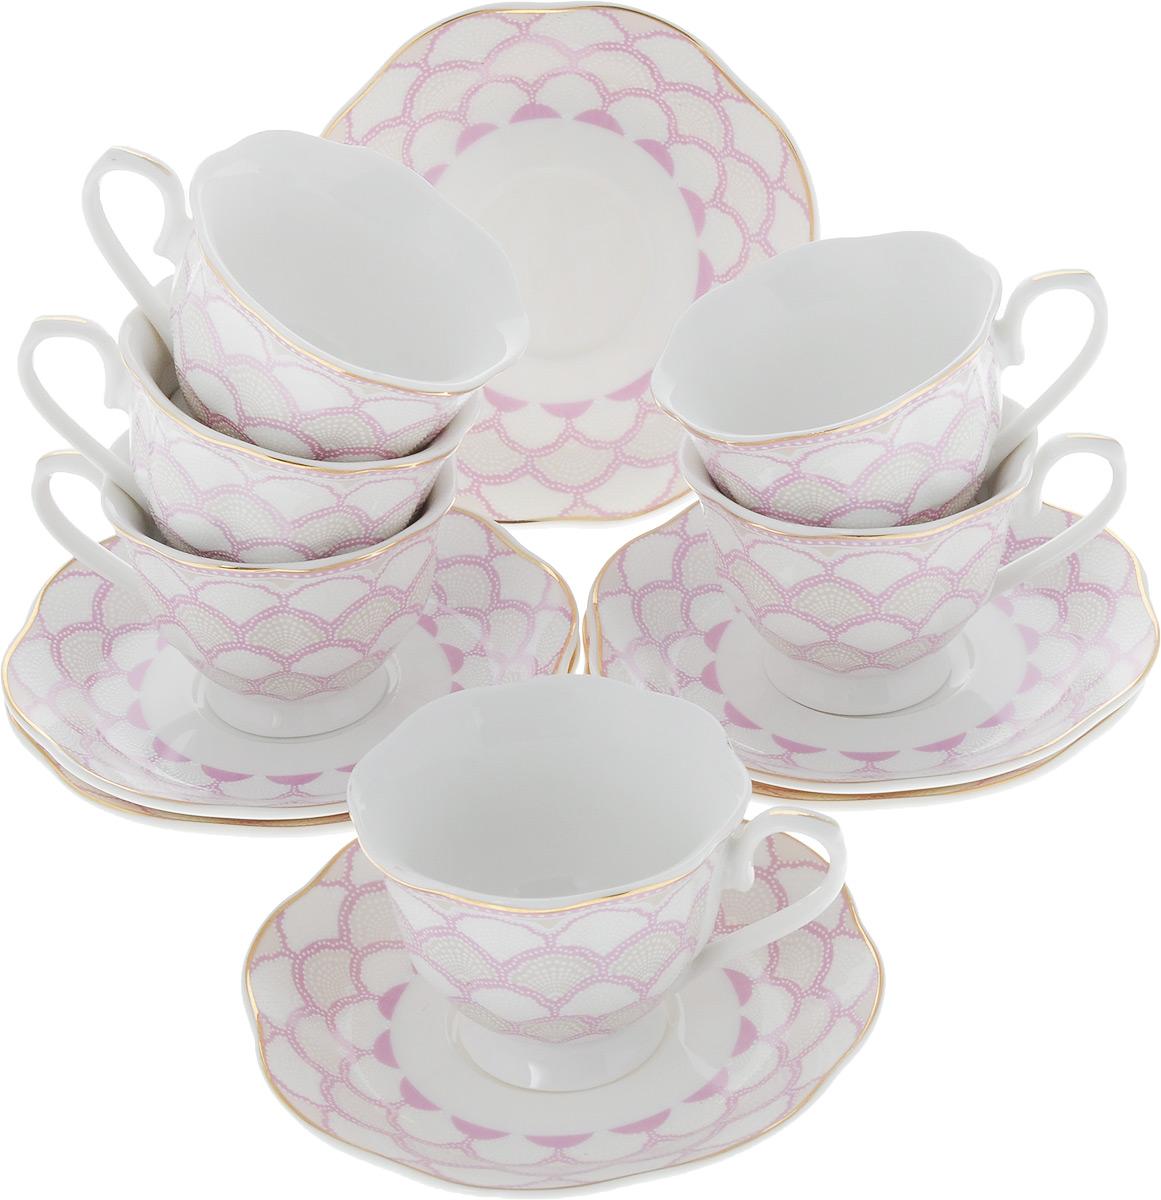 Кофейный сервиз Loraine, 80 мл, цвет: белый, розовый, 12 предметов25788Кофейный сервиз Loraine на 6 персон выполнен из высококачественного костяного фарфора - материала, безопасного для здоровья и надолго сохраняющего тепло напитка. В наборе 6 чашек и 6 блюдец. Несмотря на свою внешнюю хрупкость, каждый из предметов набора обладает высокой прочностью и надежностью. Изделия украшены тонкой золотой каймой, внешние стенки дополнены красивым рельефным рисунком. Элегантный классический дизайн сделает этот набор изысканным украшением любого стола. Набор упакован в подарочную коробку, поэтому его можно преподнести в качестве оригинального и практичного подарка для родных и близких. Объем чашки: 80 мл. Диаметр чашки (по верхнему краю): 6,5 см. Высота чашки: 5,5 см. Диаметр блюдца: 11,5 см.